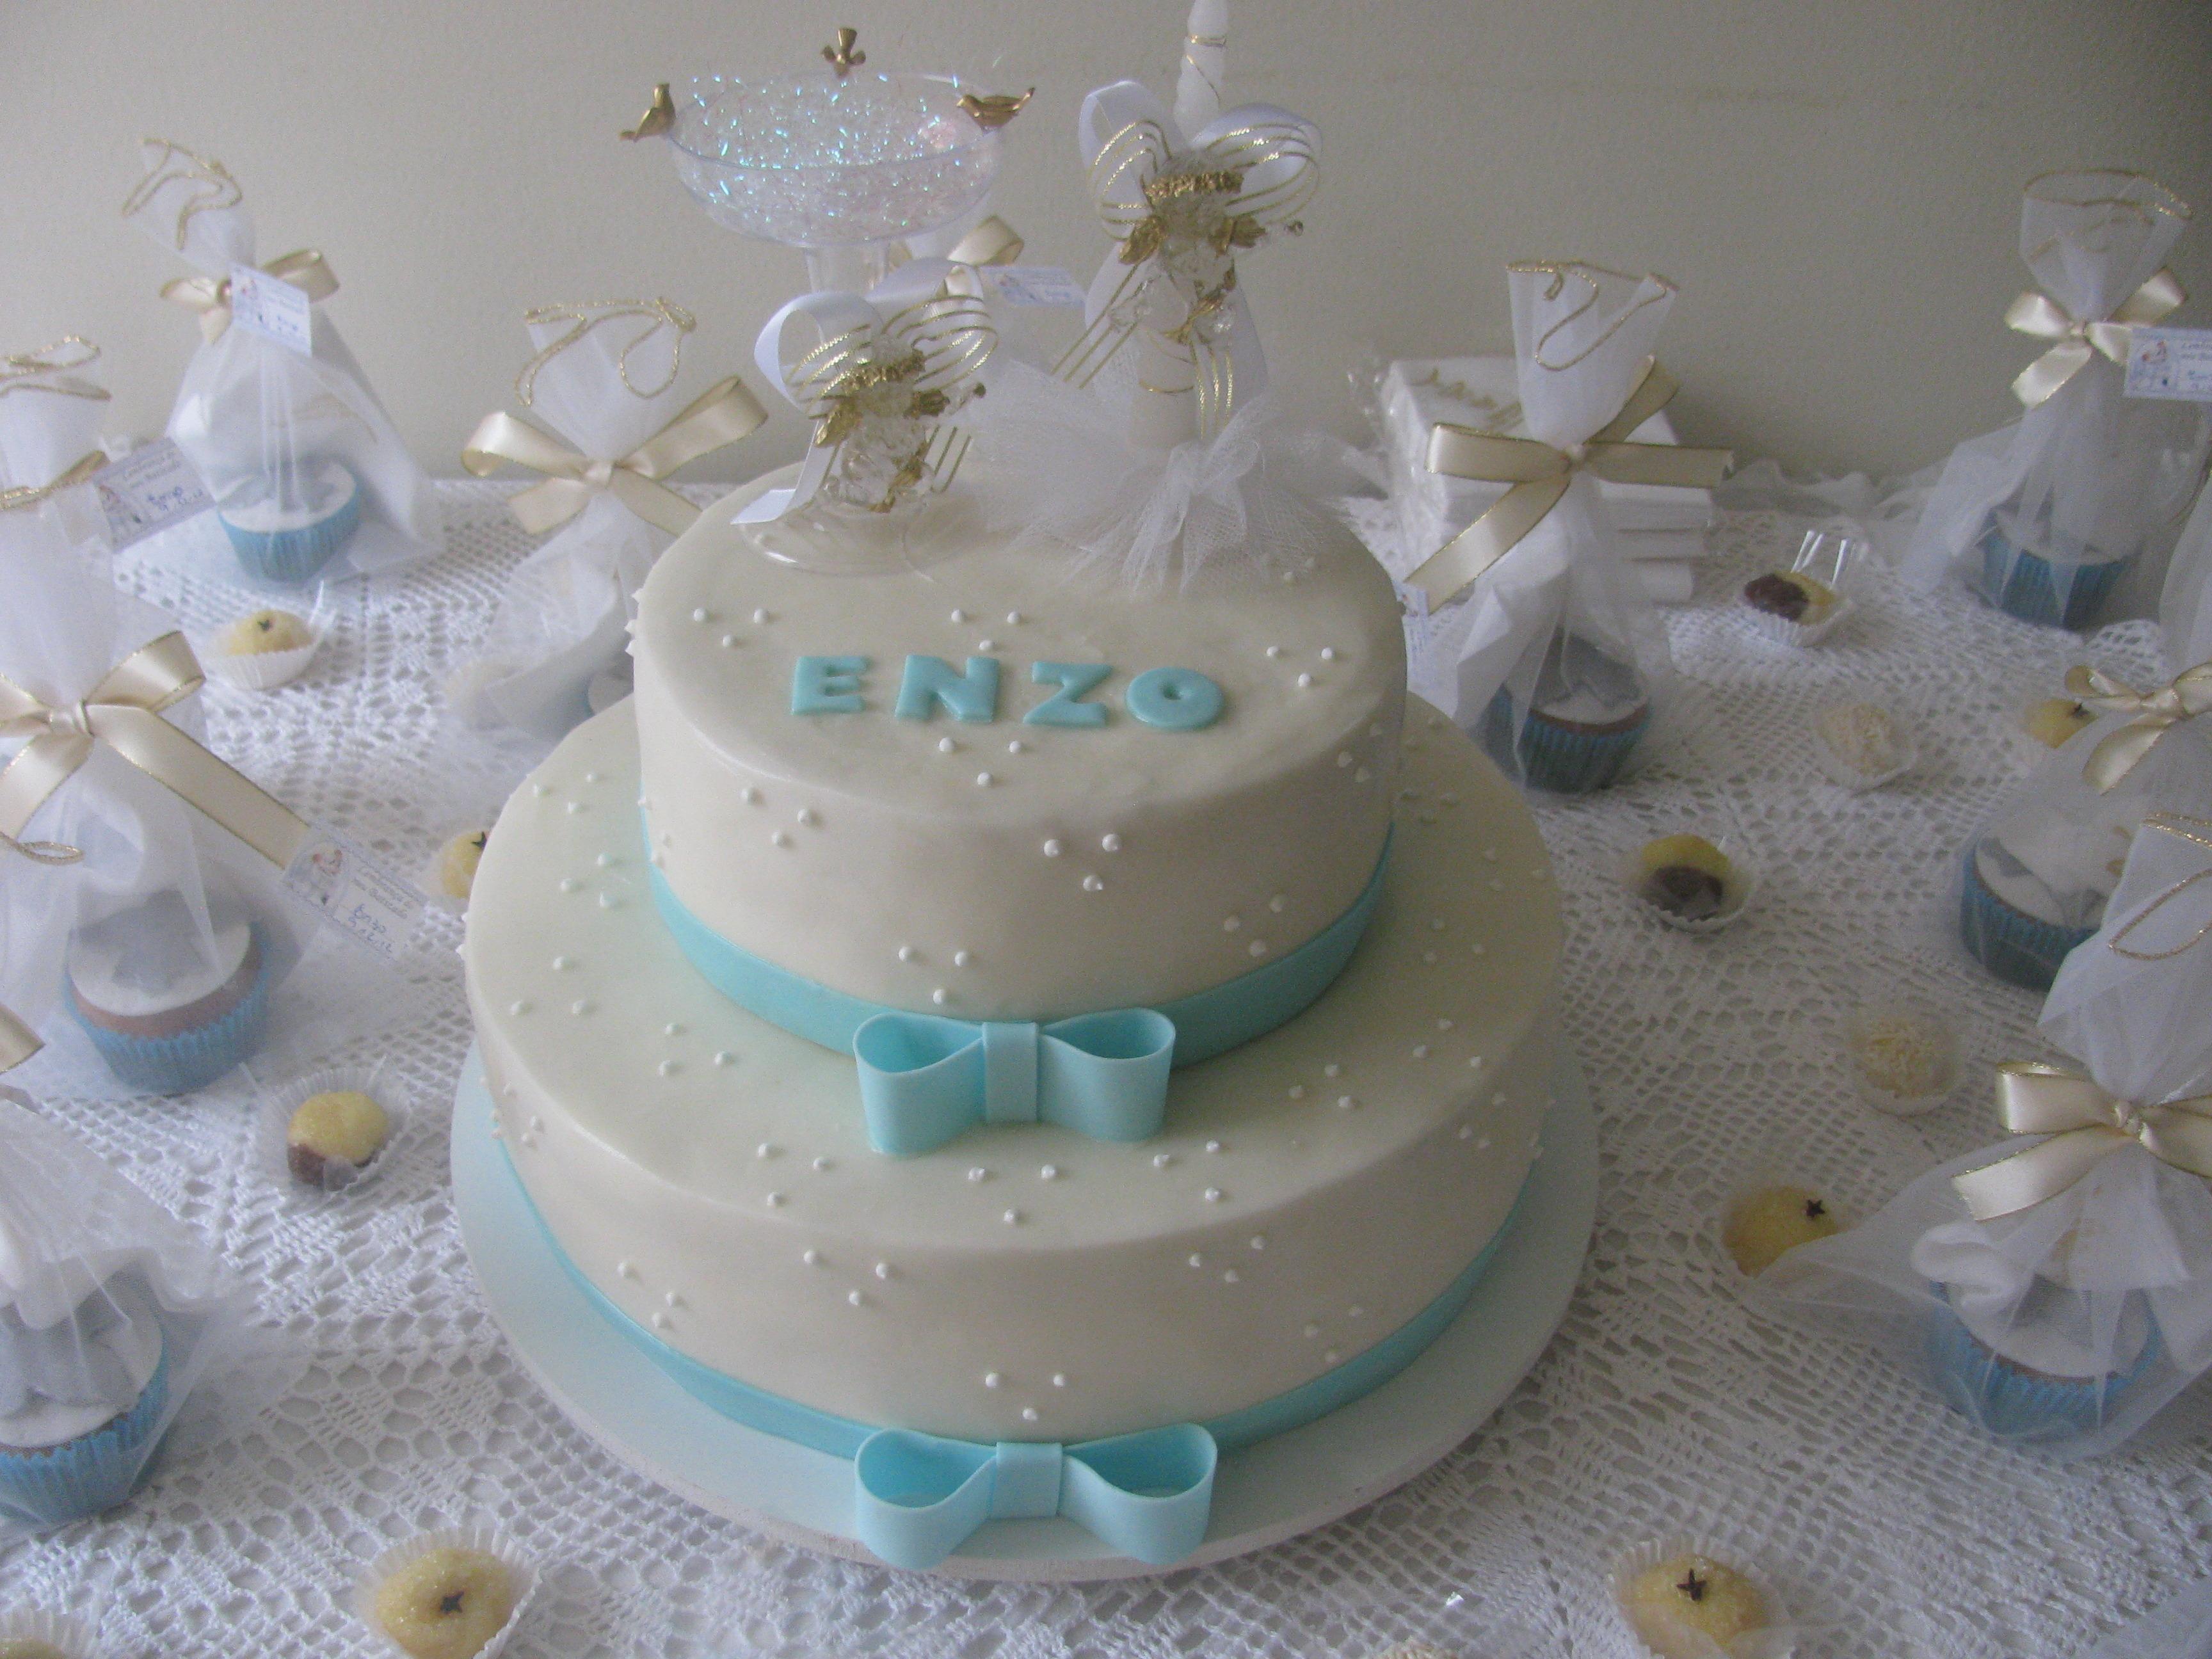 Inicio doces bolo decorado bolo de batizado 2 andares